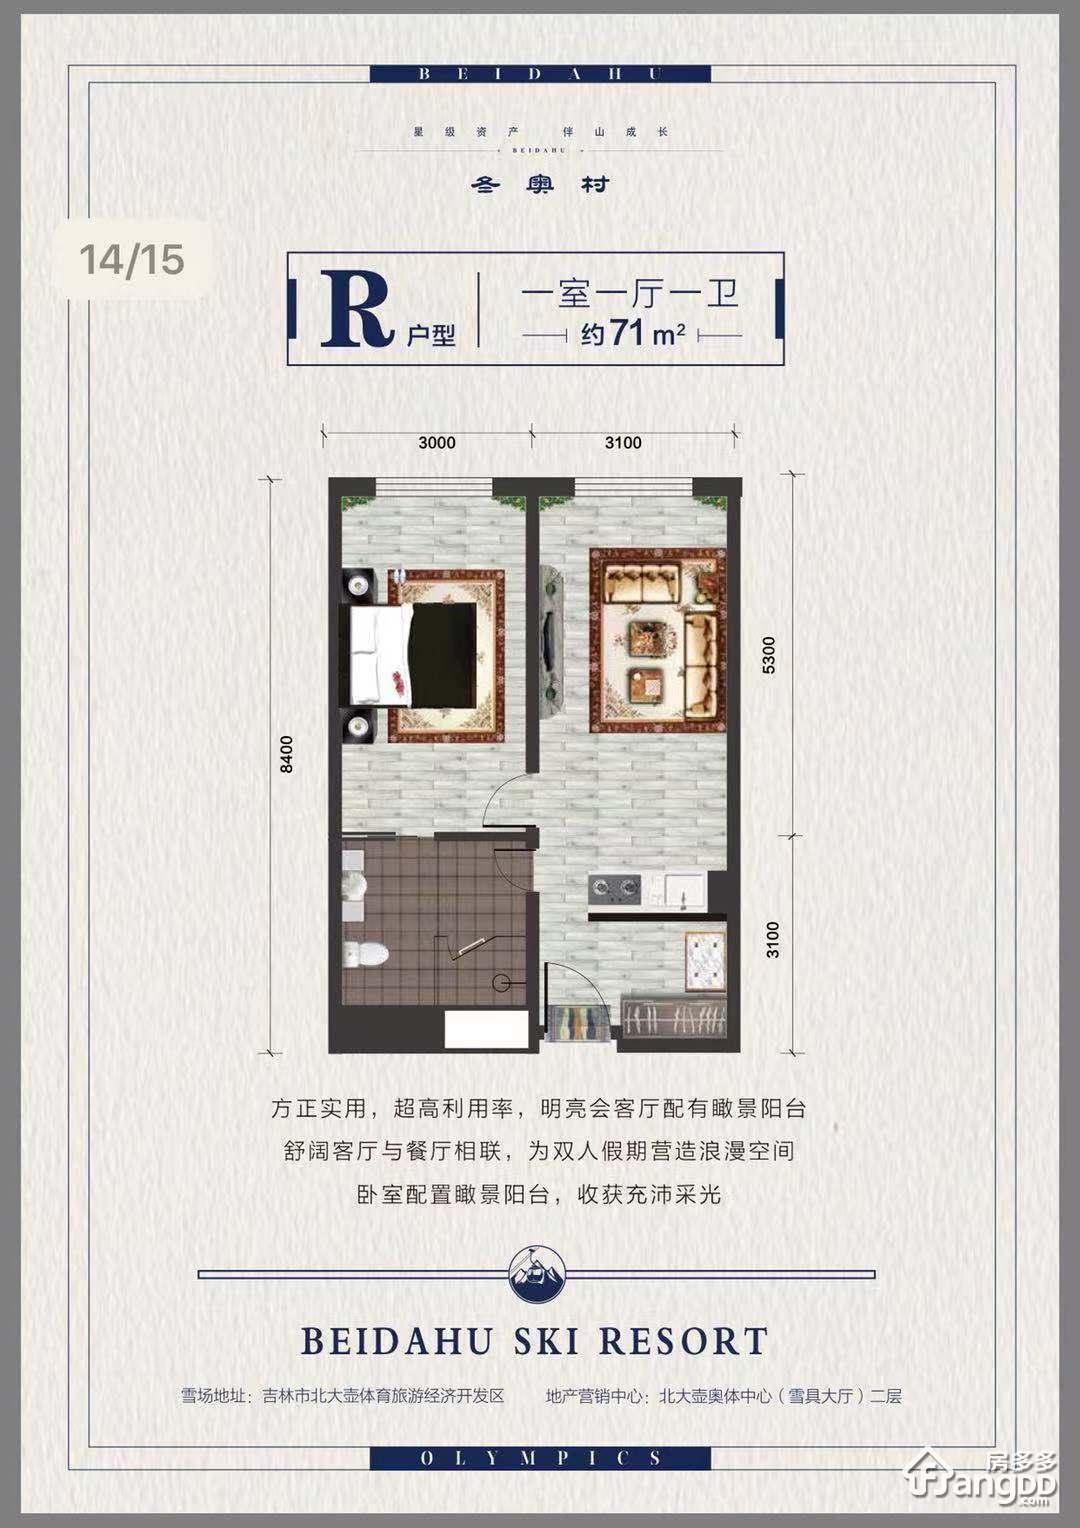 北大壶冬奥村1室1厅1卫户型图